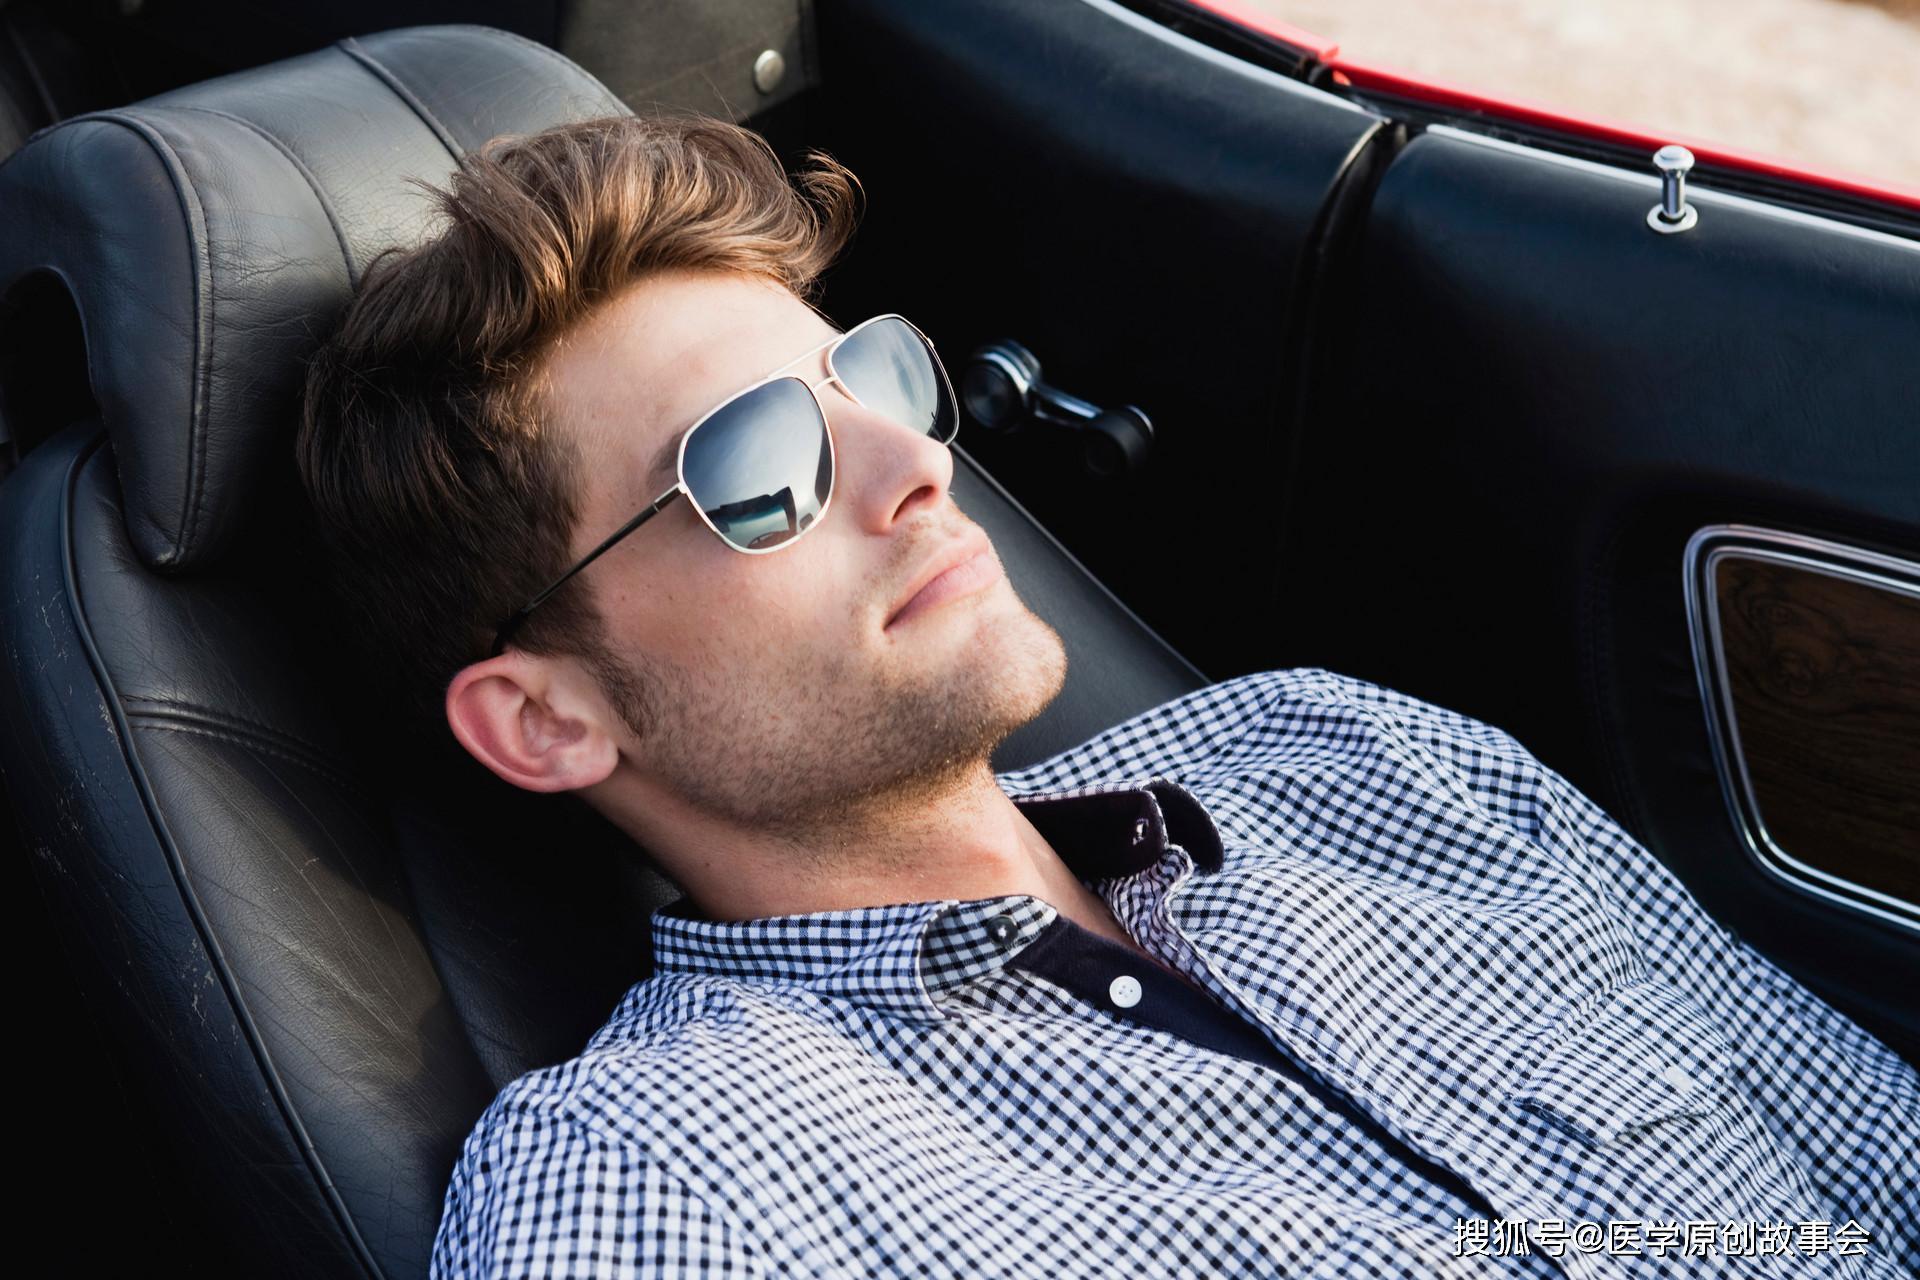 原创寿命短的男人,睡觉时会半夜早醒,若符合三种情况,提示该体检了